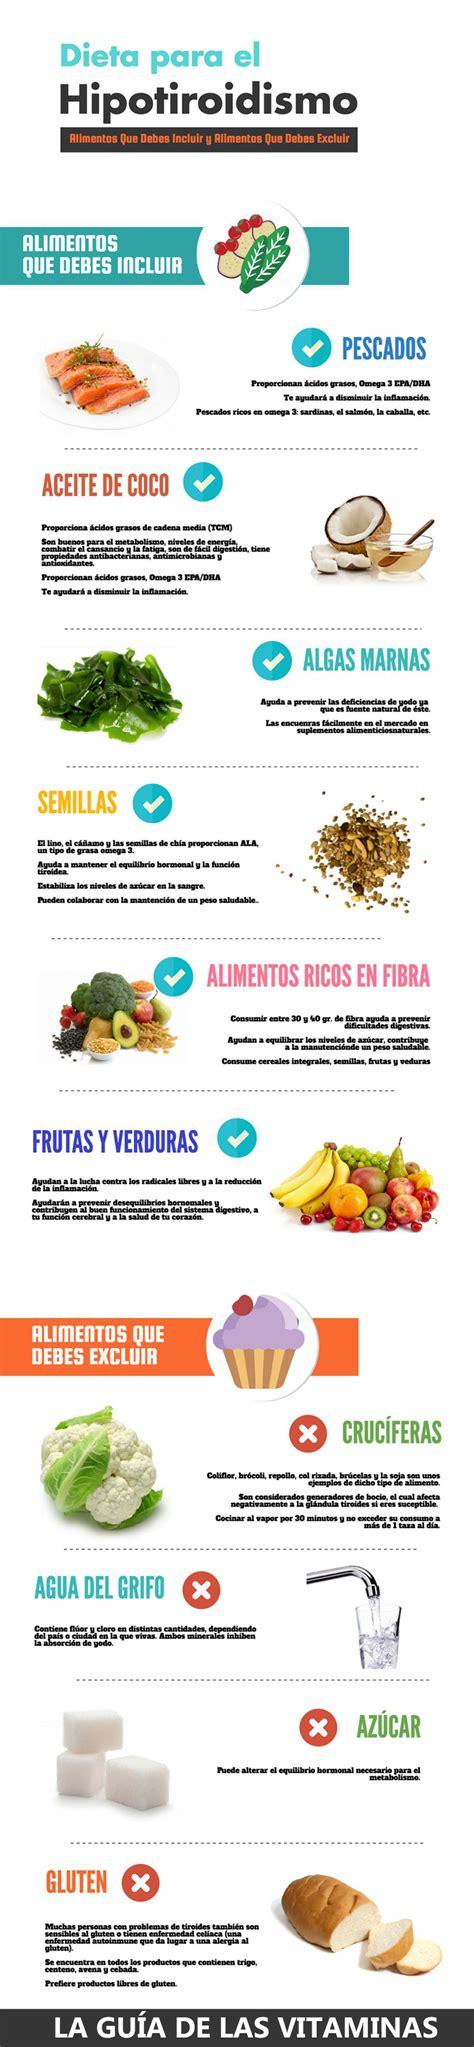 alimentos para hipertiroidismo dieta para el hipotiroidismo y tratamiento la